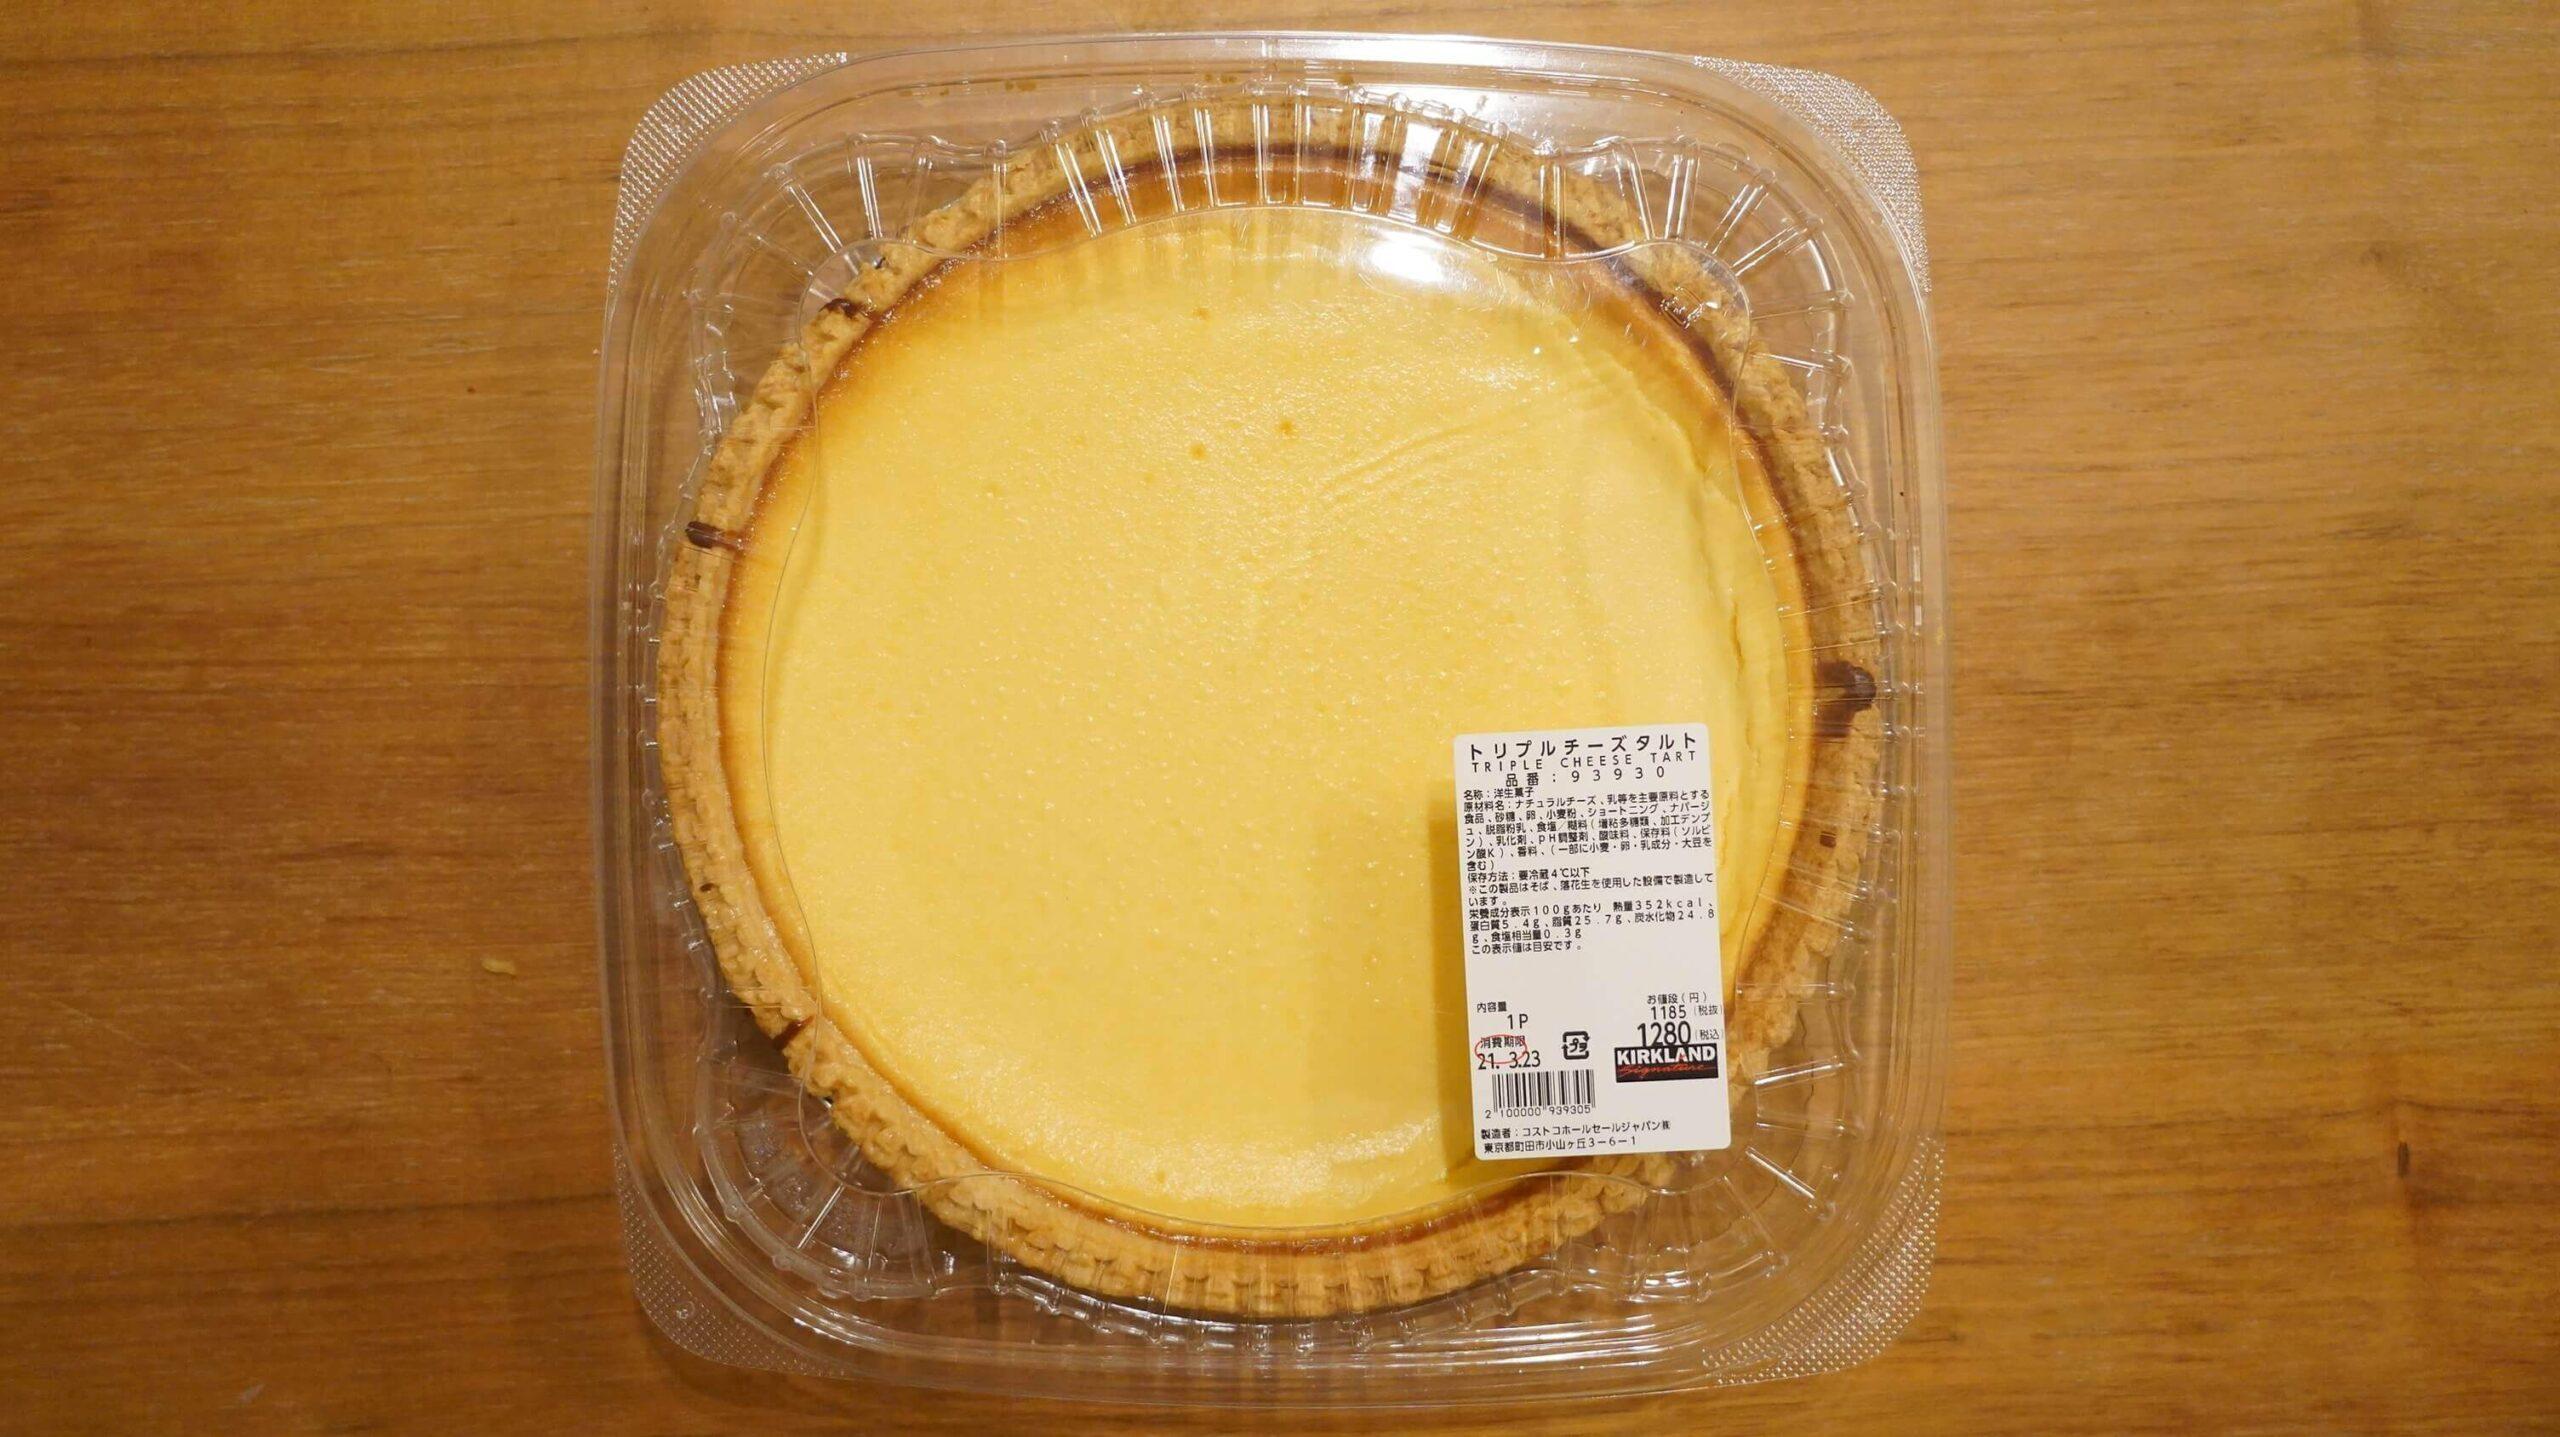 コストコのチーズケーキ「トリプルチーズタルト」のパッケージの写真